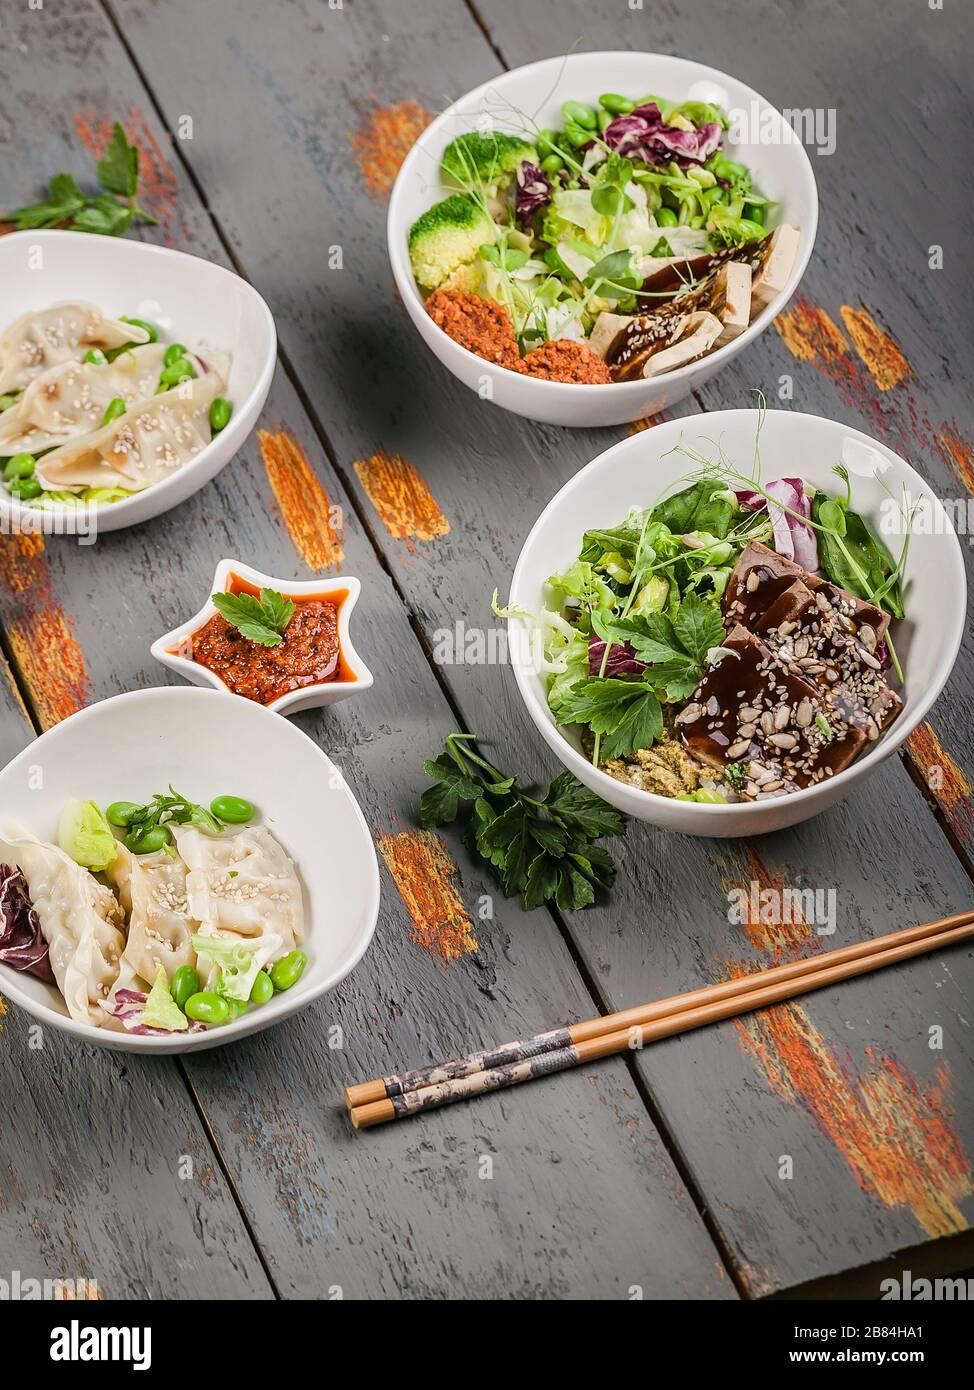 Senkrechtschuss traditionelle Gyozu-Knödel, gekochtes Gemüse mit Reis, Schweinefleisch und würziger Soße. Orientalische Küche Stockfoto